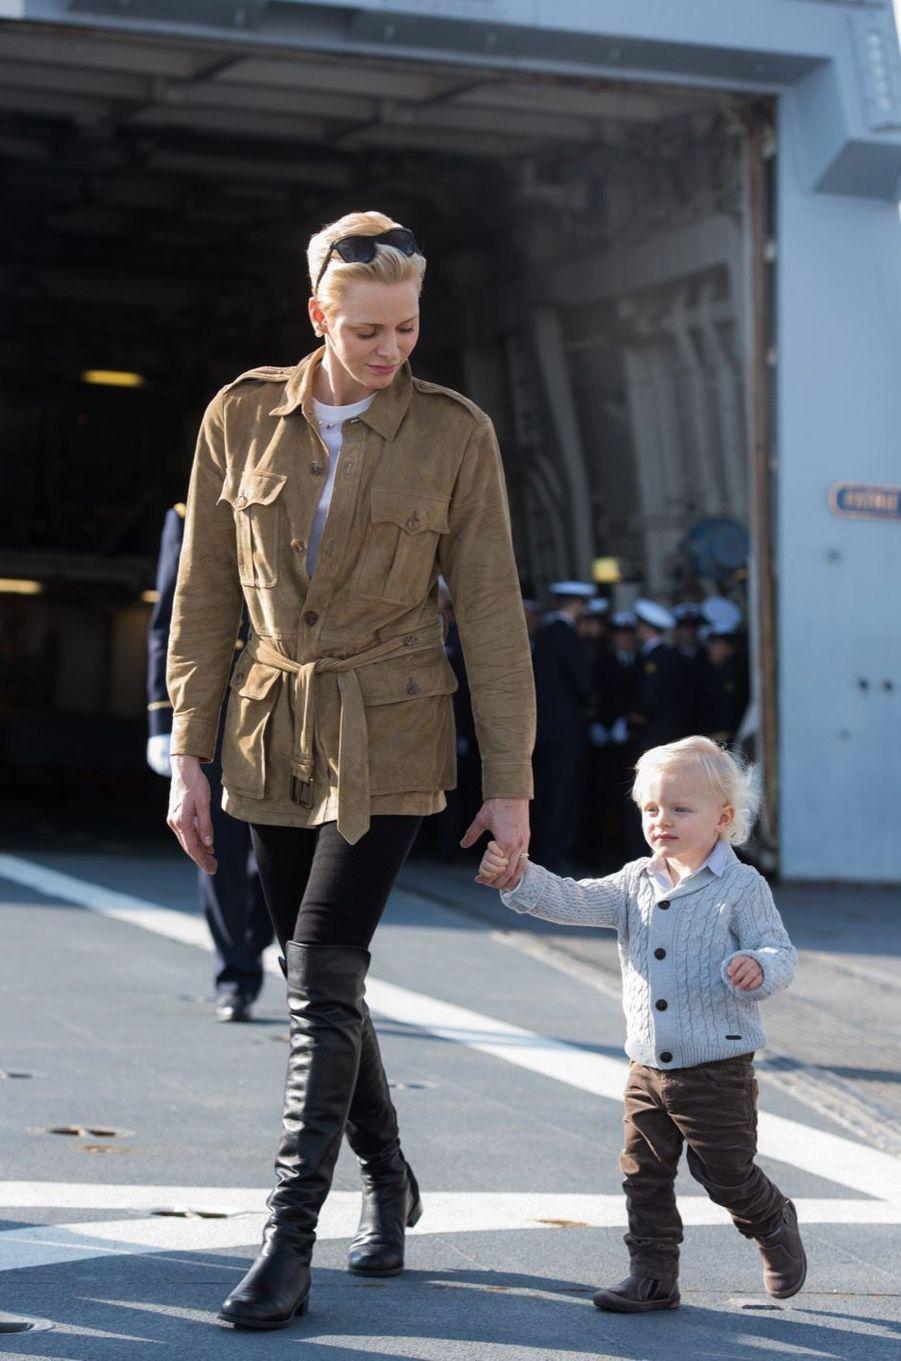 La Princesse Charlène De Monaco Et Son Fils Le Prince Jacques Visitent La Frégate Guépratte 1